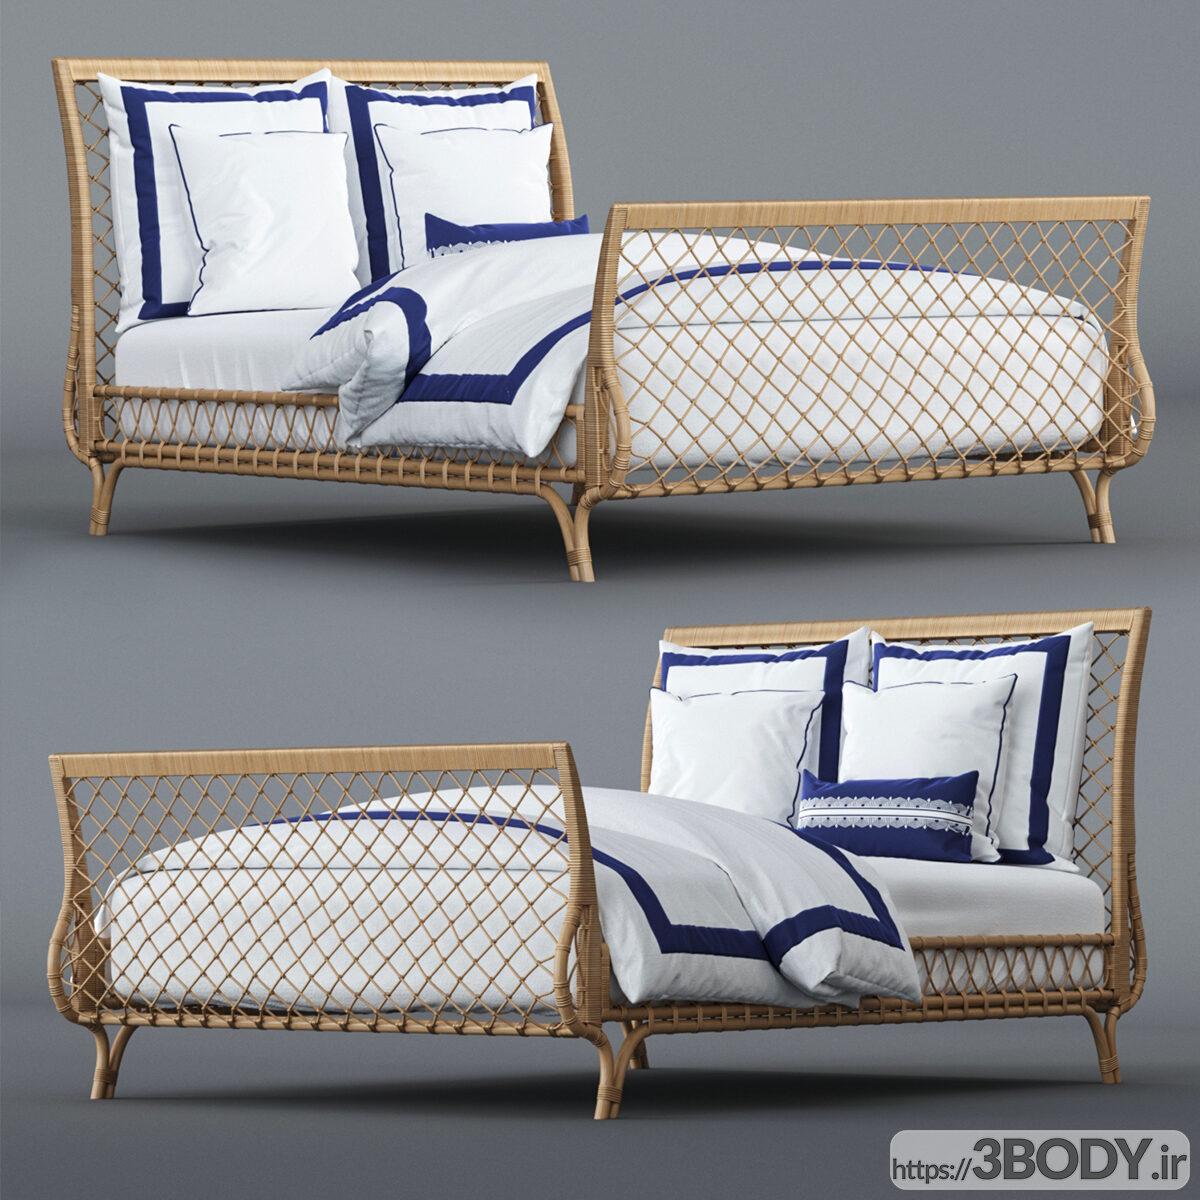 آبجکت سه بعدی تختخواب ساحلی  سفید عکس 1